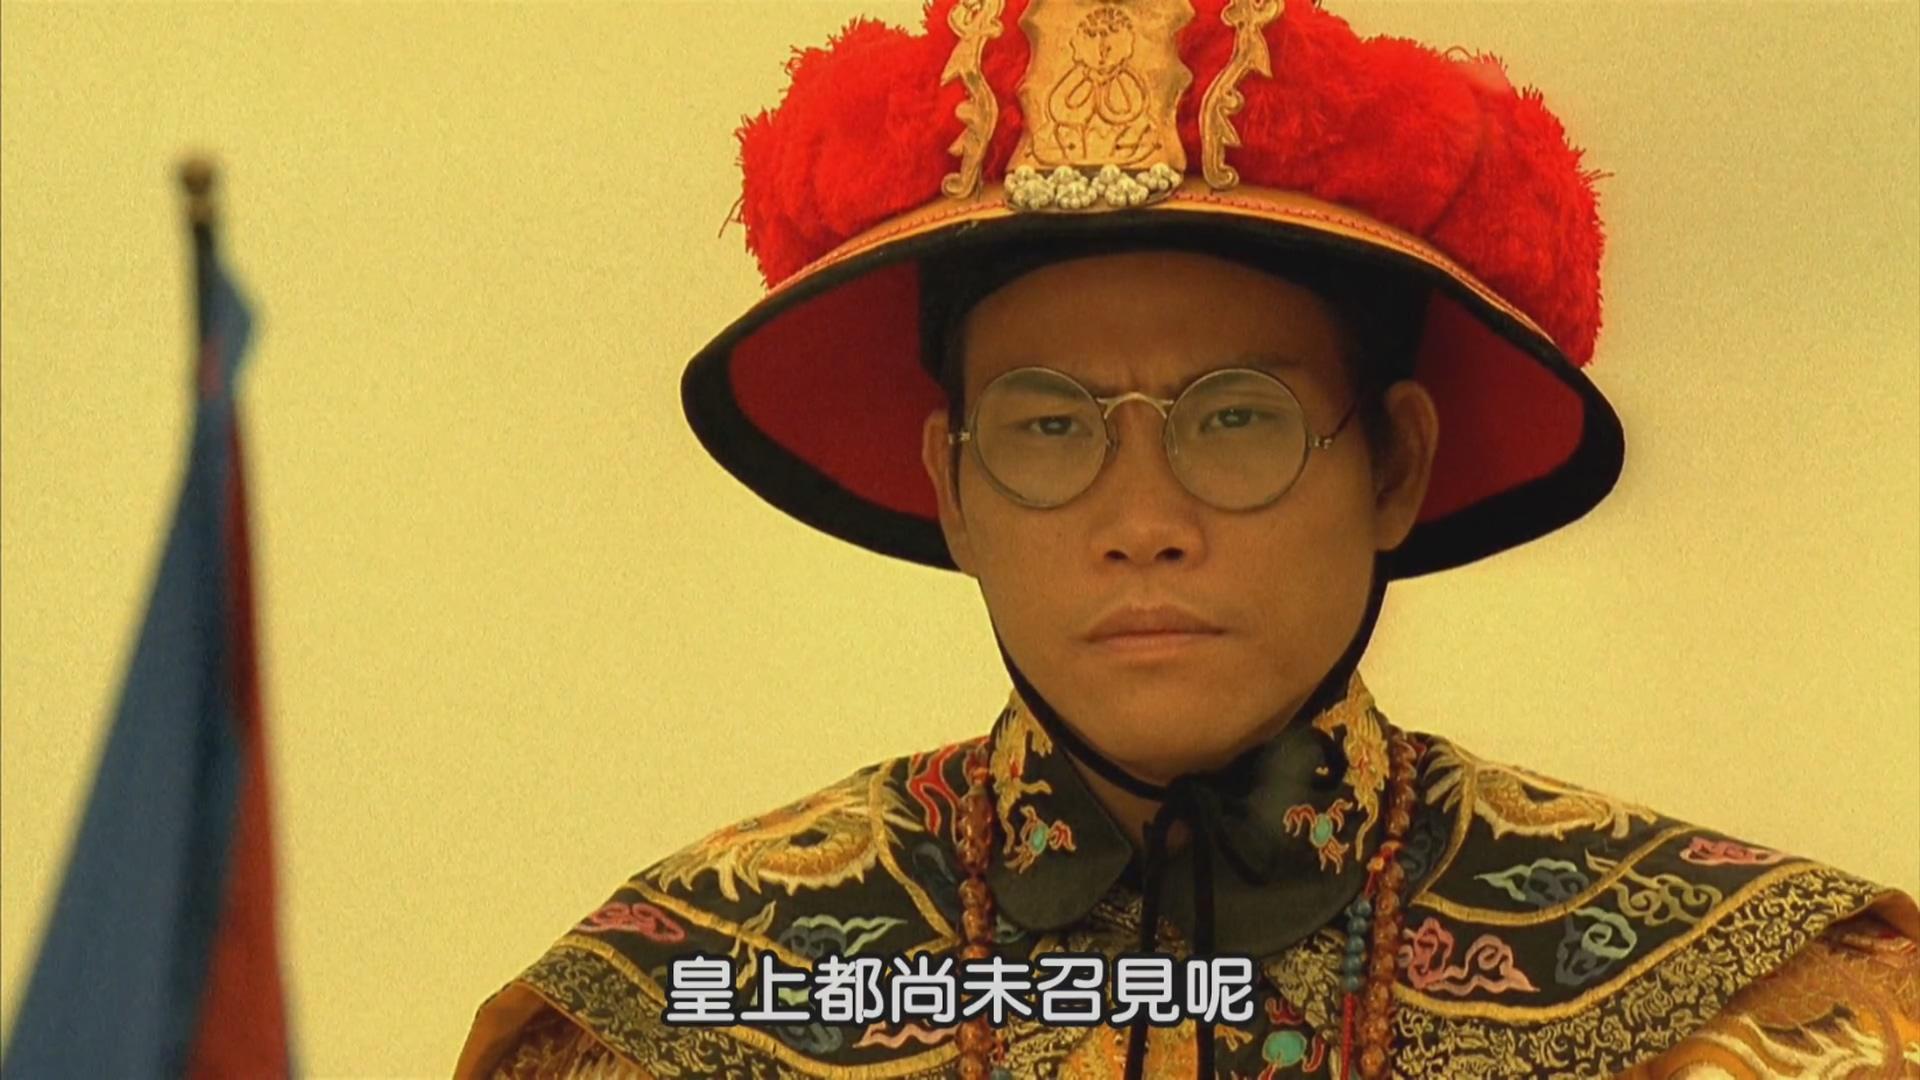 梁朝伟与天煞孤星杨千嬅的宿世情缘,意外开发郑中基的喜剧天分